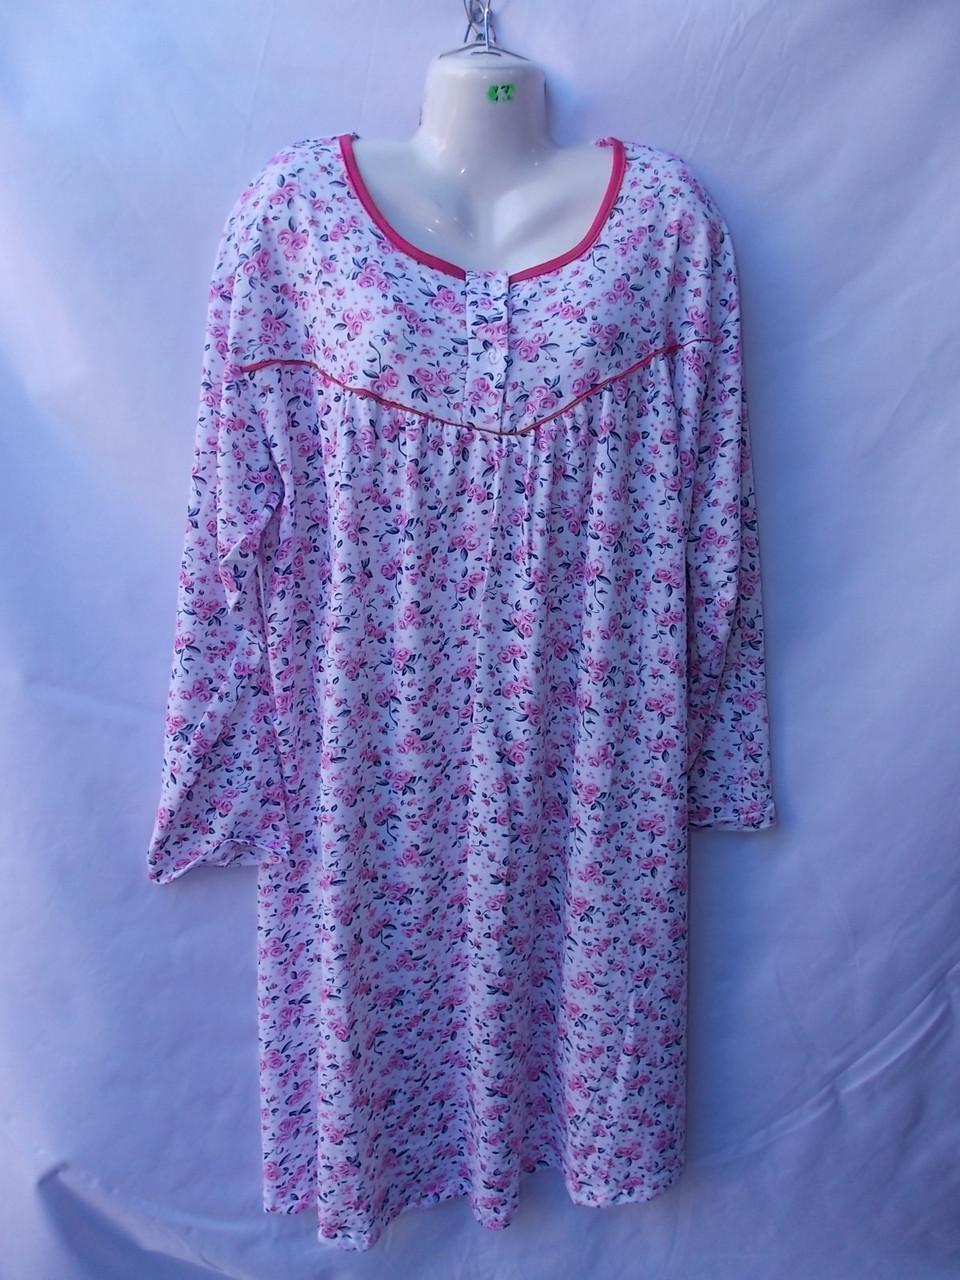 Жіноча піжама (тонка байка) оптом зі складу в Одесі.